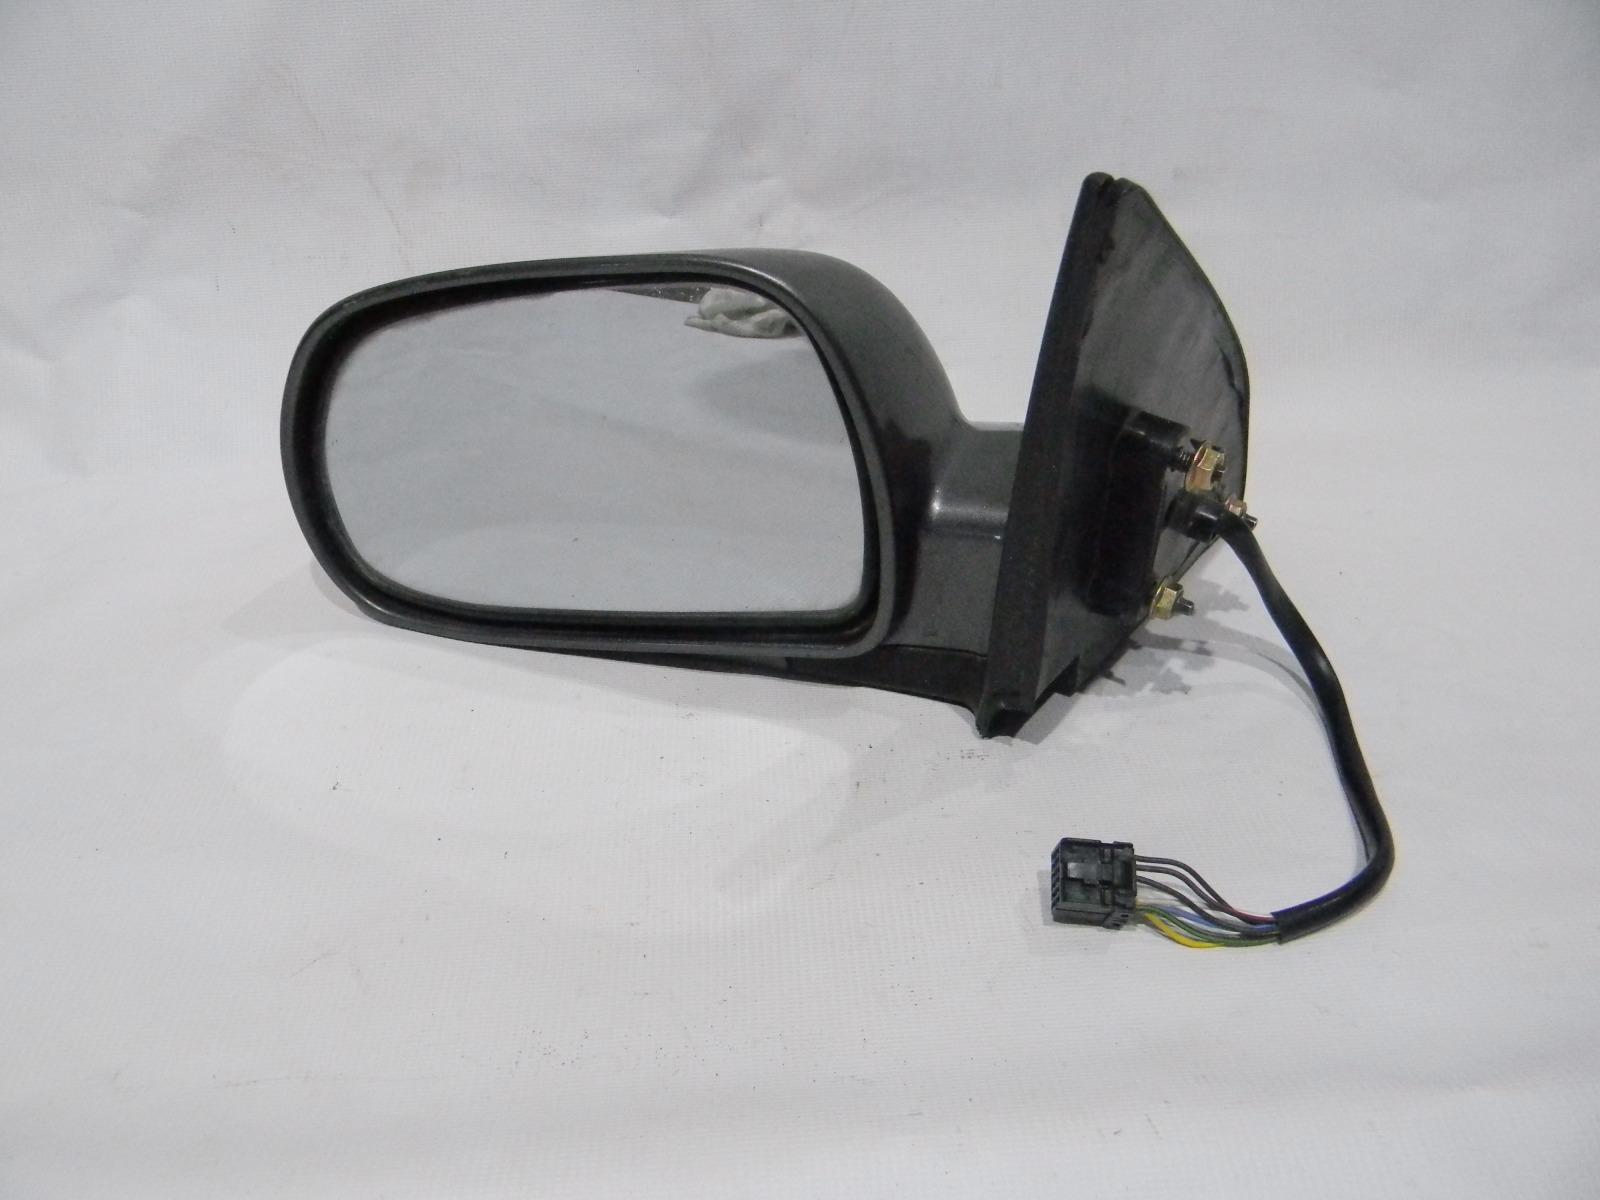 Зеркало заднего вида боковое Geely Emgrand Ec7 FE-1 JL4G18 2008> левое